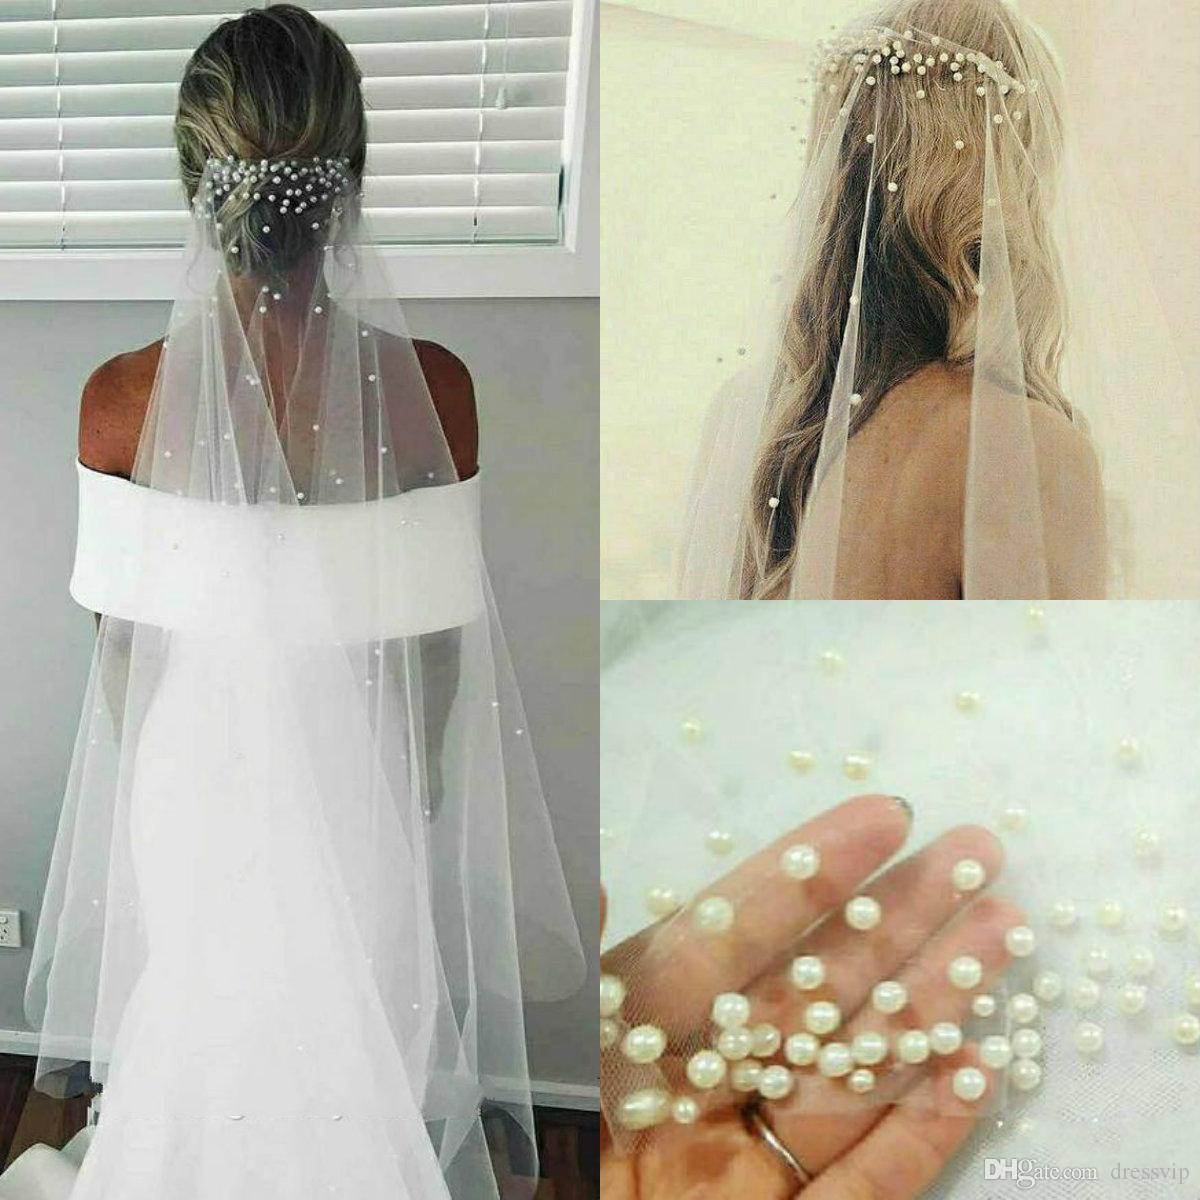 a2dc4693c2 Compre 2019 Bling Bling Pearls Figertip Longitud Velos De Novia Cortos Lujo  Largo Por Encargo Velos De Novia De Alta Calidad A  21.86 Del Dressvip